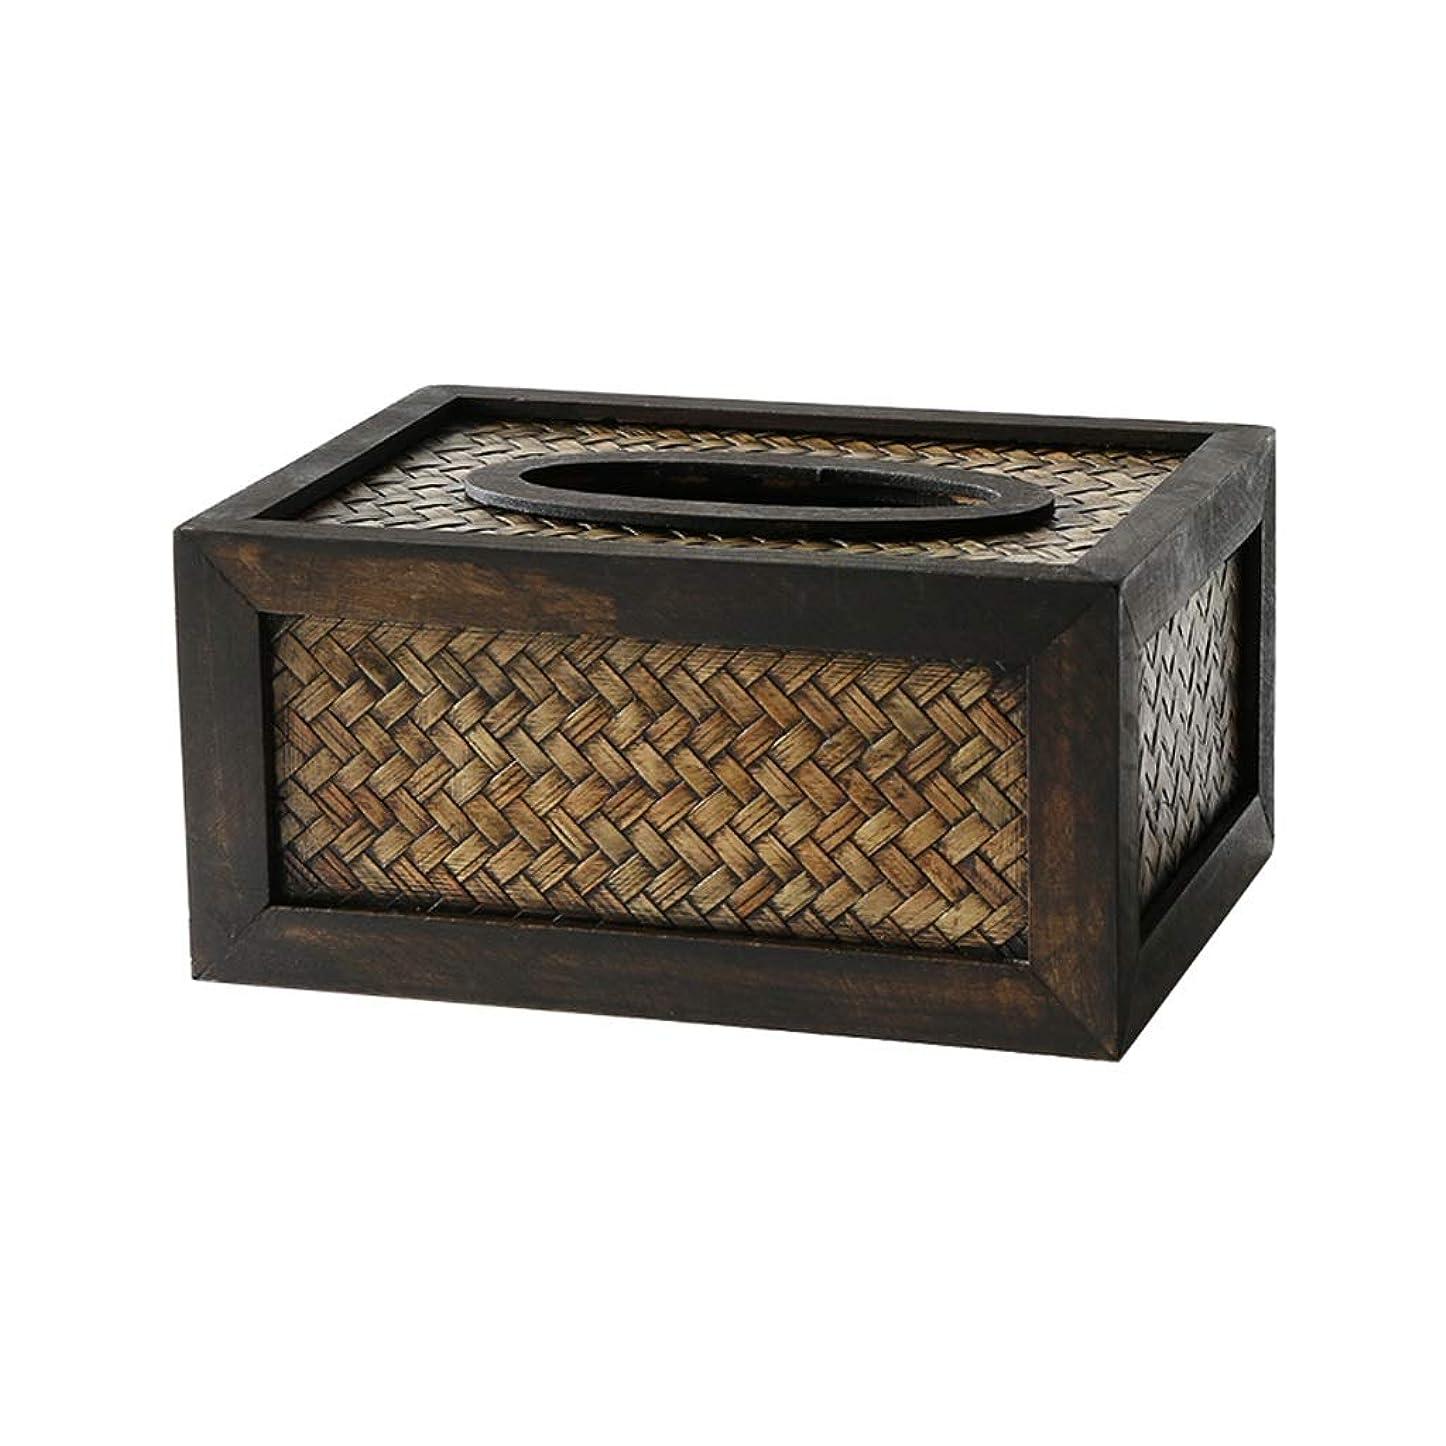 類人猿悲しむマンモス竹ティッシュボックスレトロ長方形ブラックトレイクリエイティブ木製リビングルームティッシュボックス JSFQ